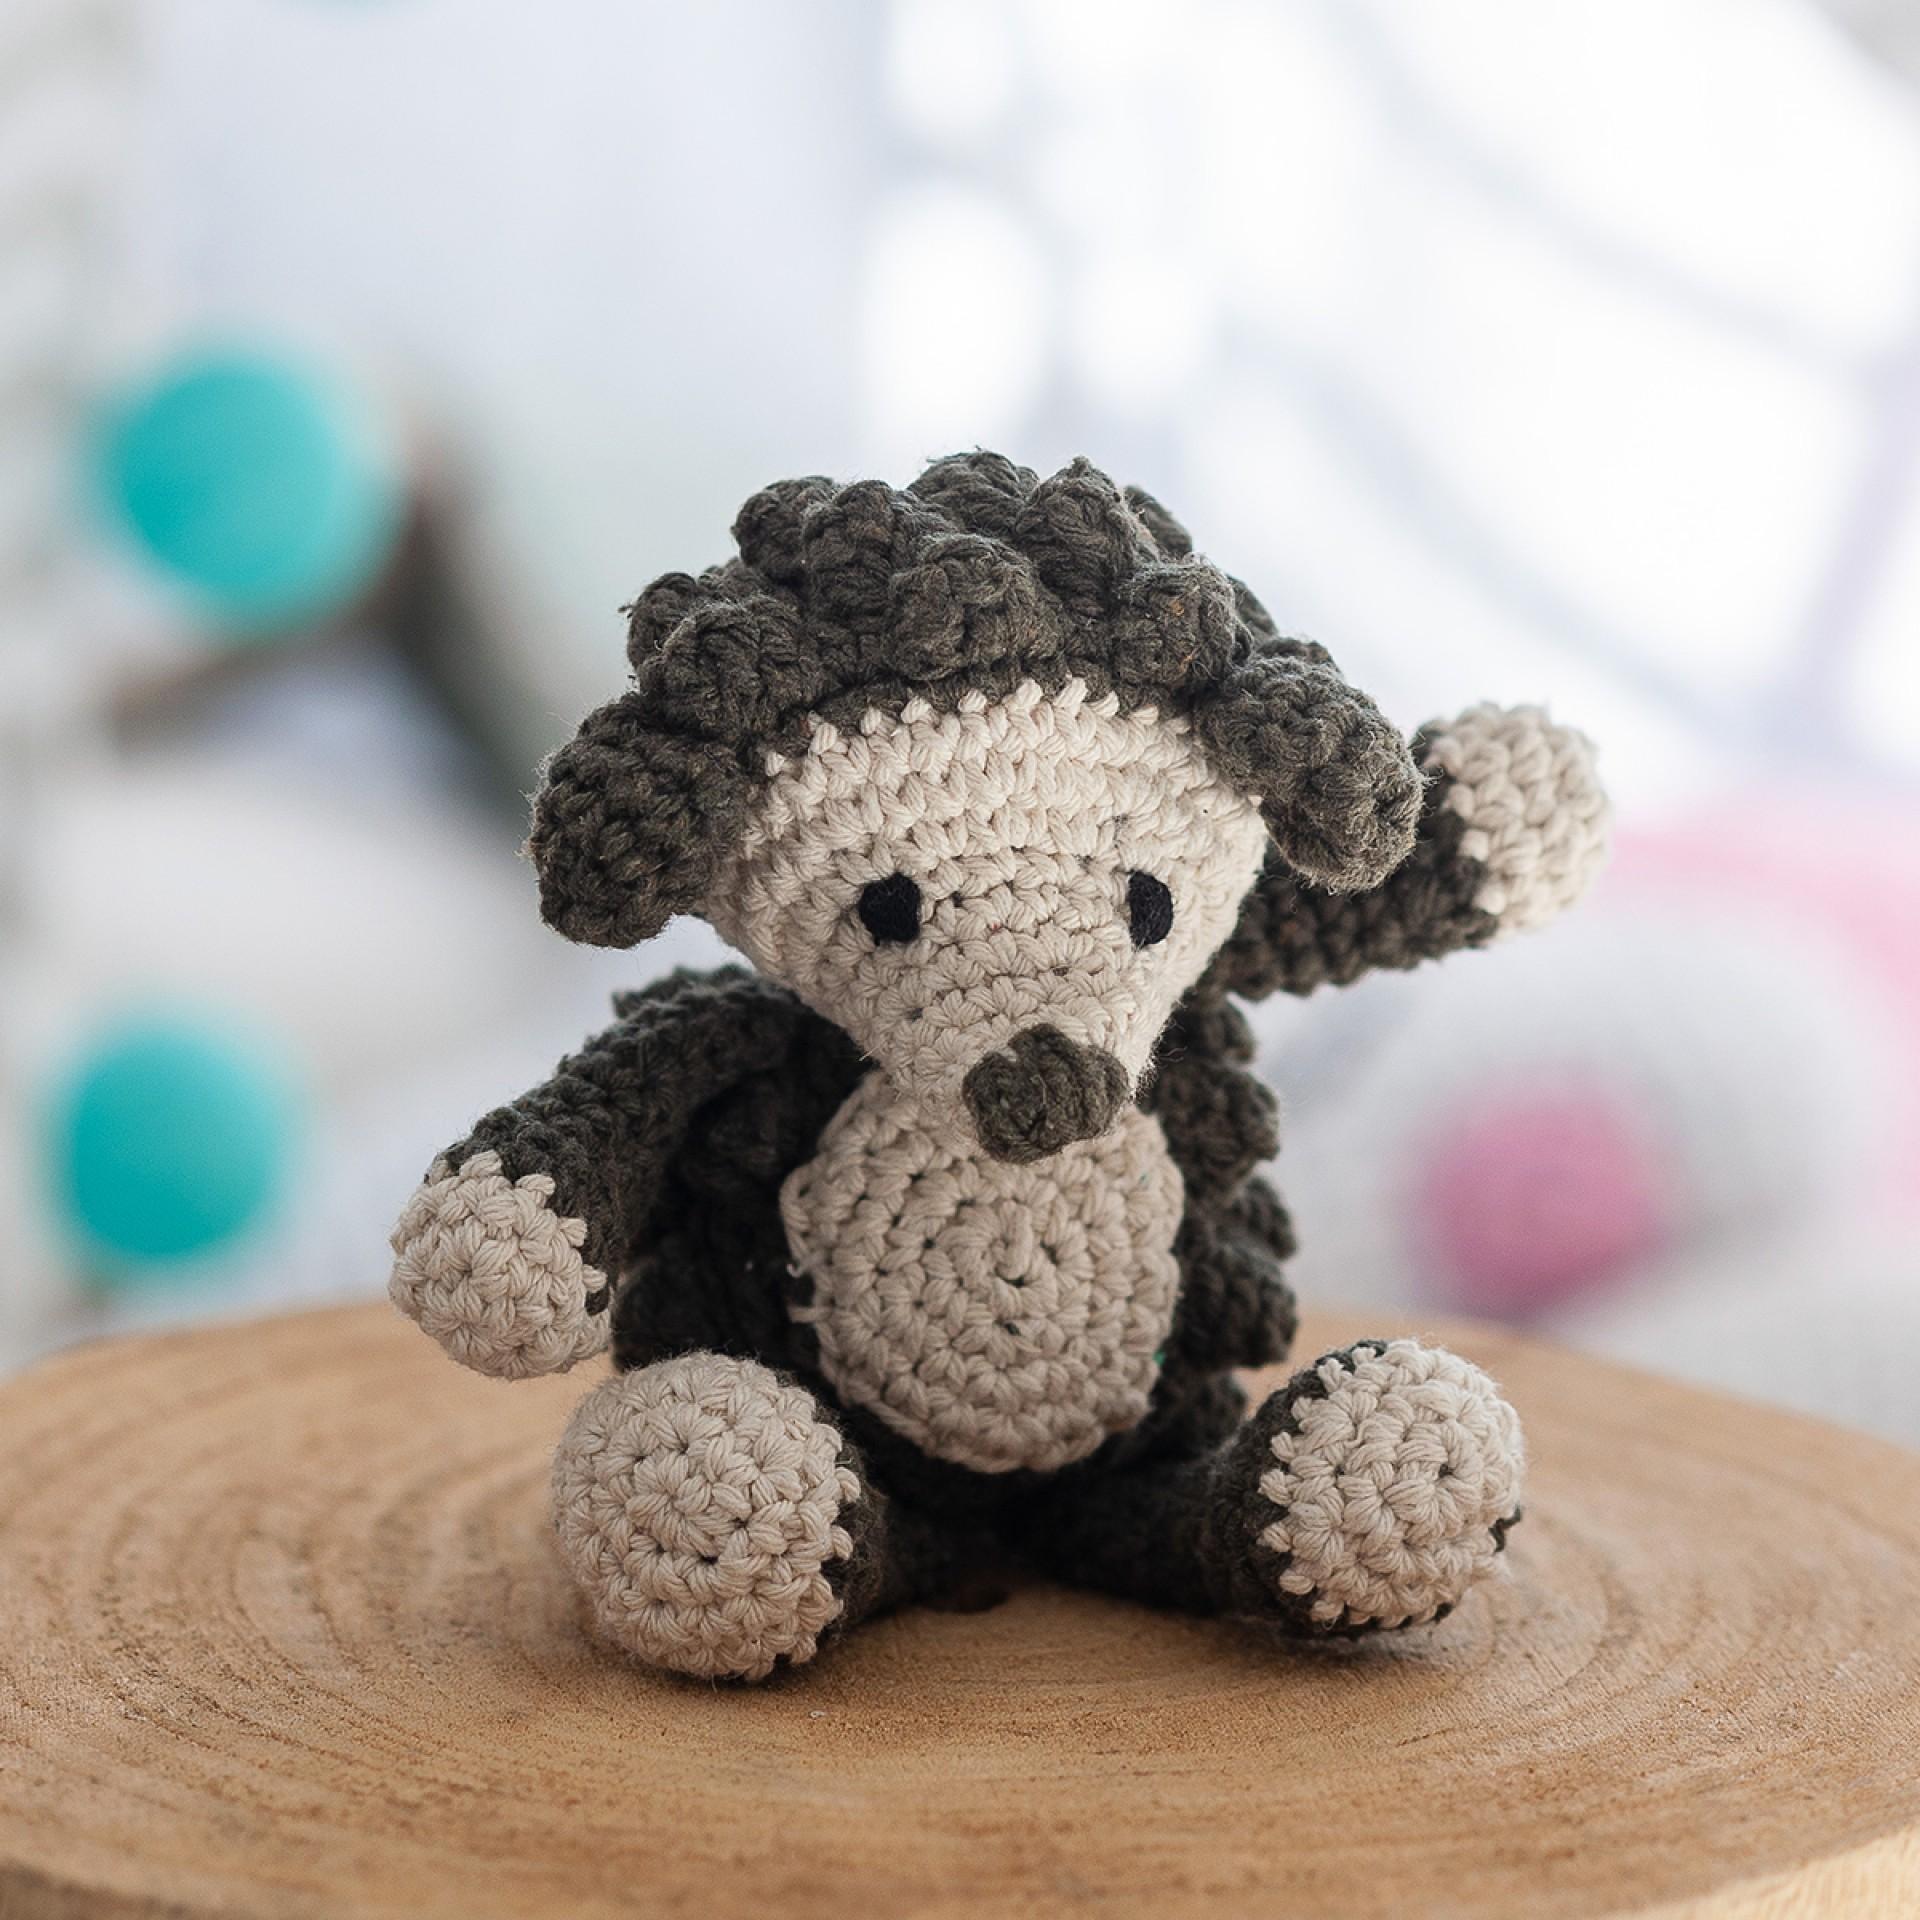 crochet kit - amigurumi llama diy craft kit   1920x1920